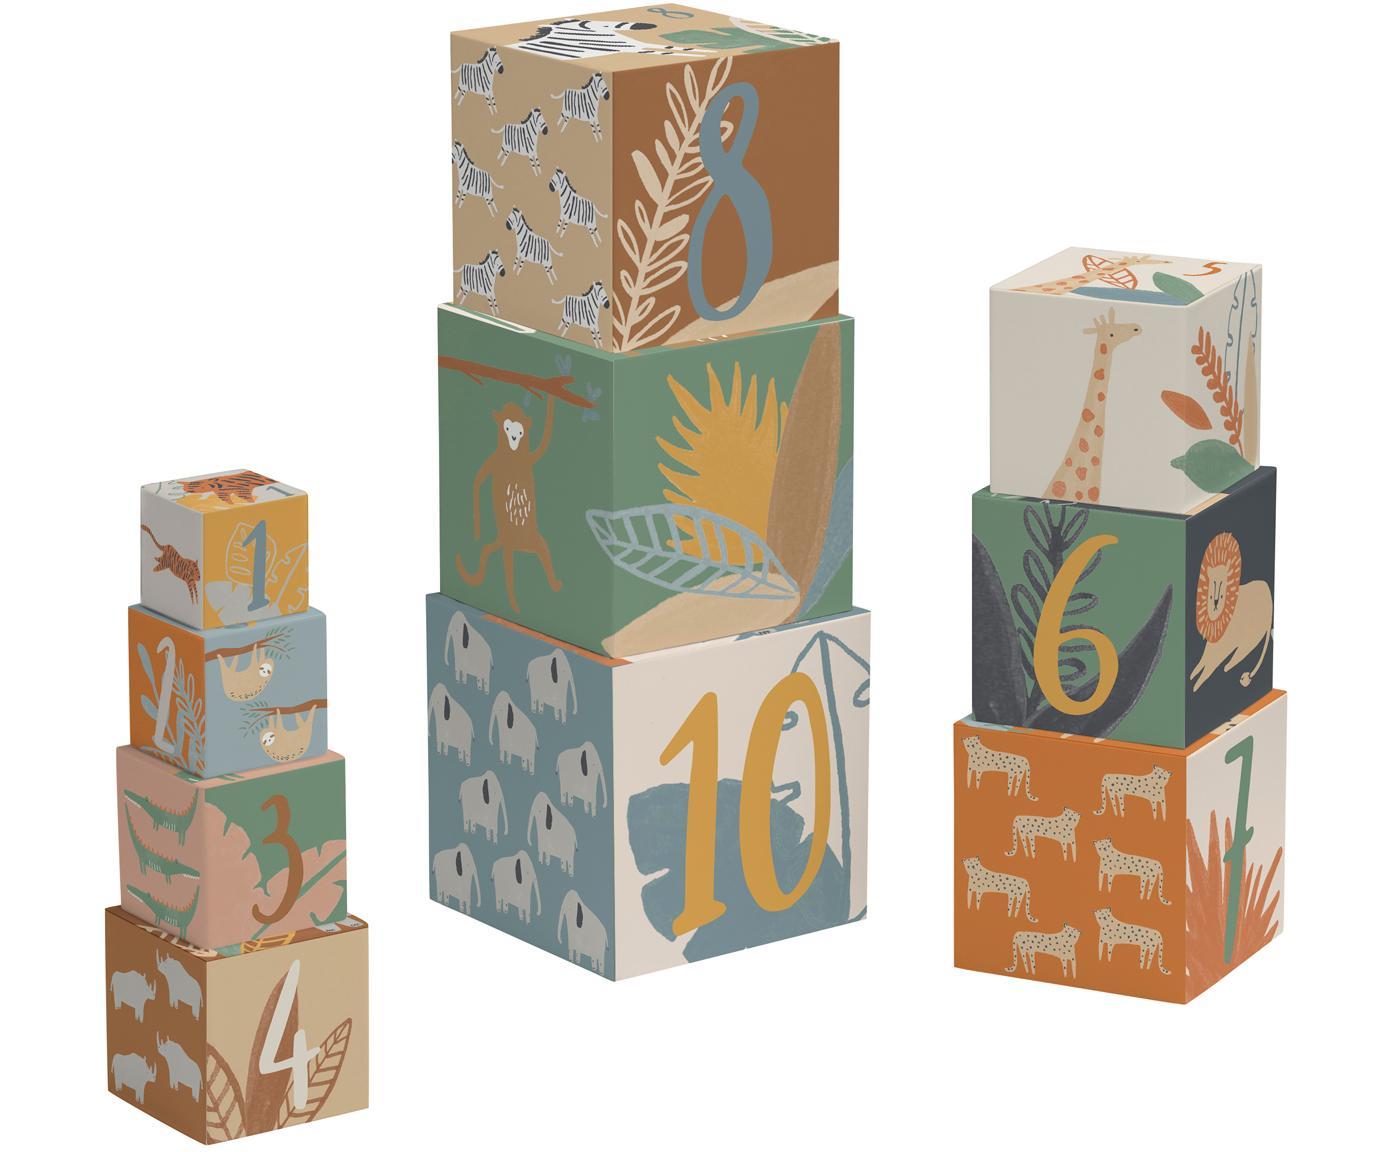 Juego de cubos Wildlife, 10pzas., Cartón resistente, Multicolor, An 13 x Al 13 cm